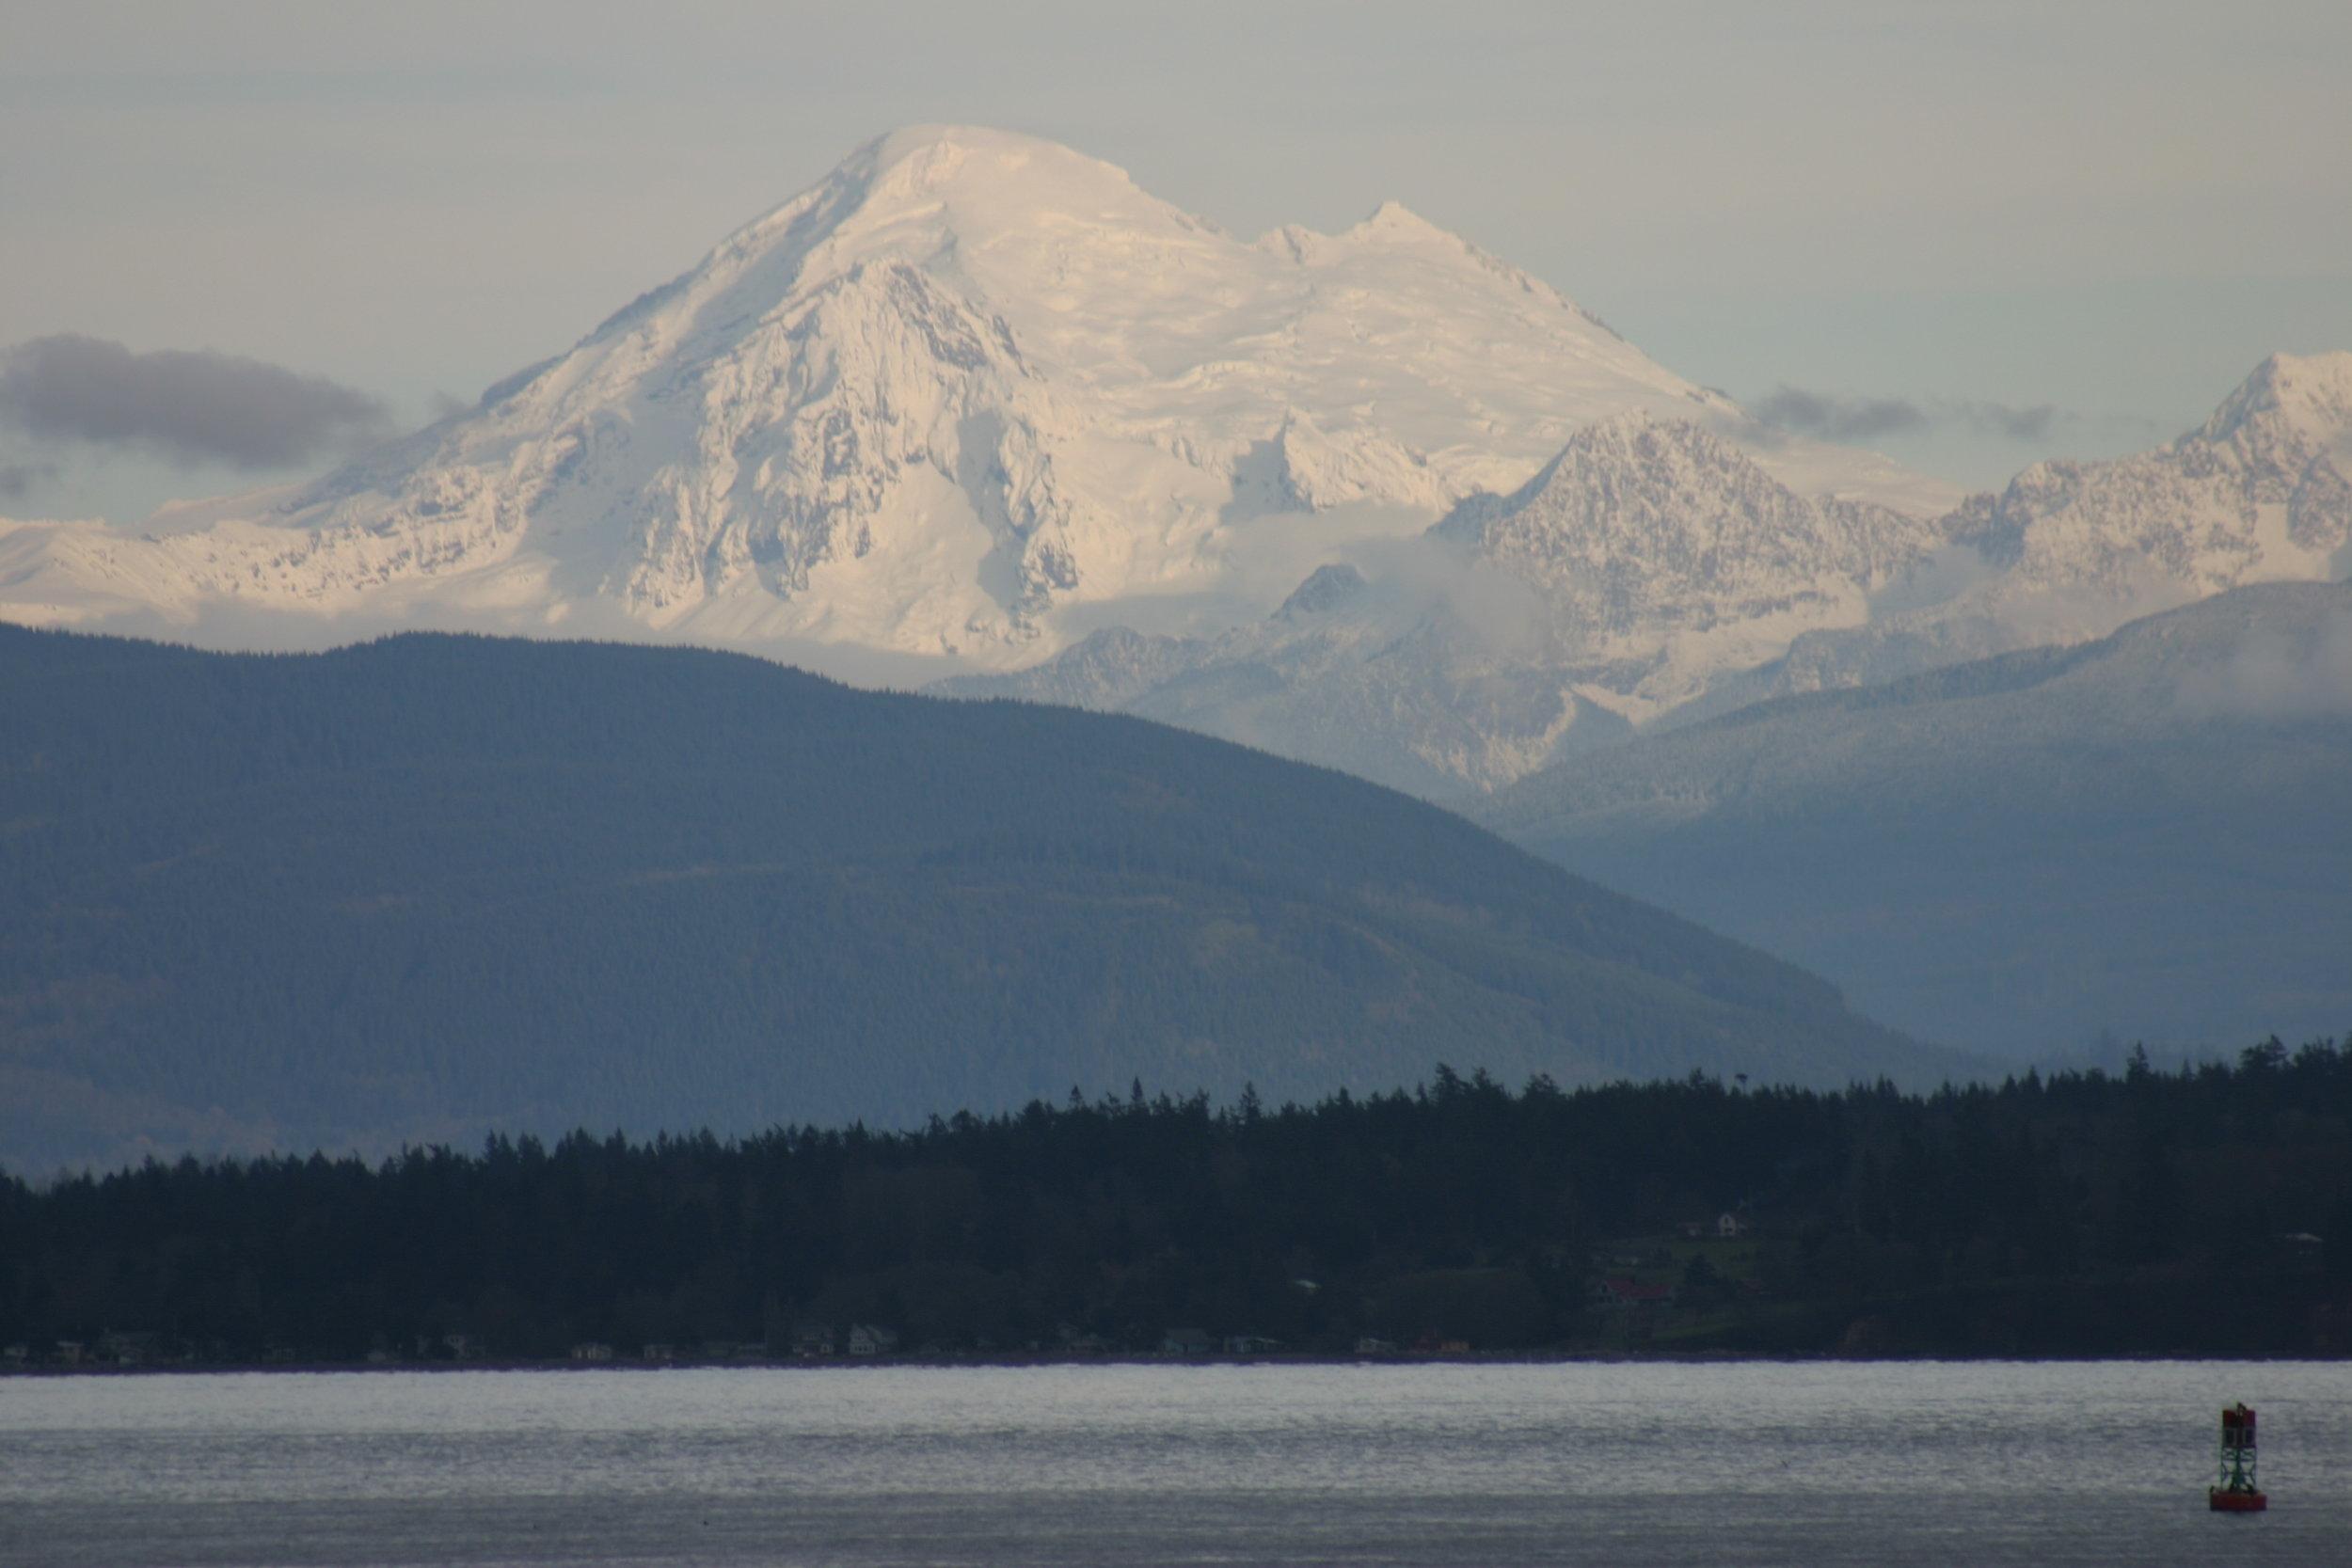 002 - Mt. Baker.jpg